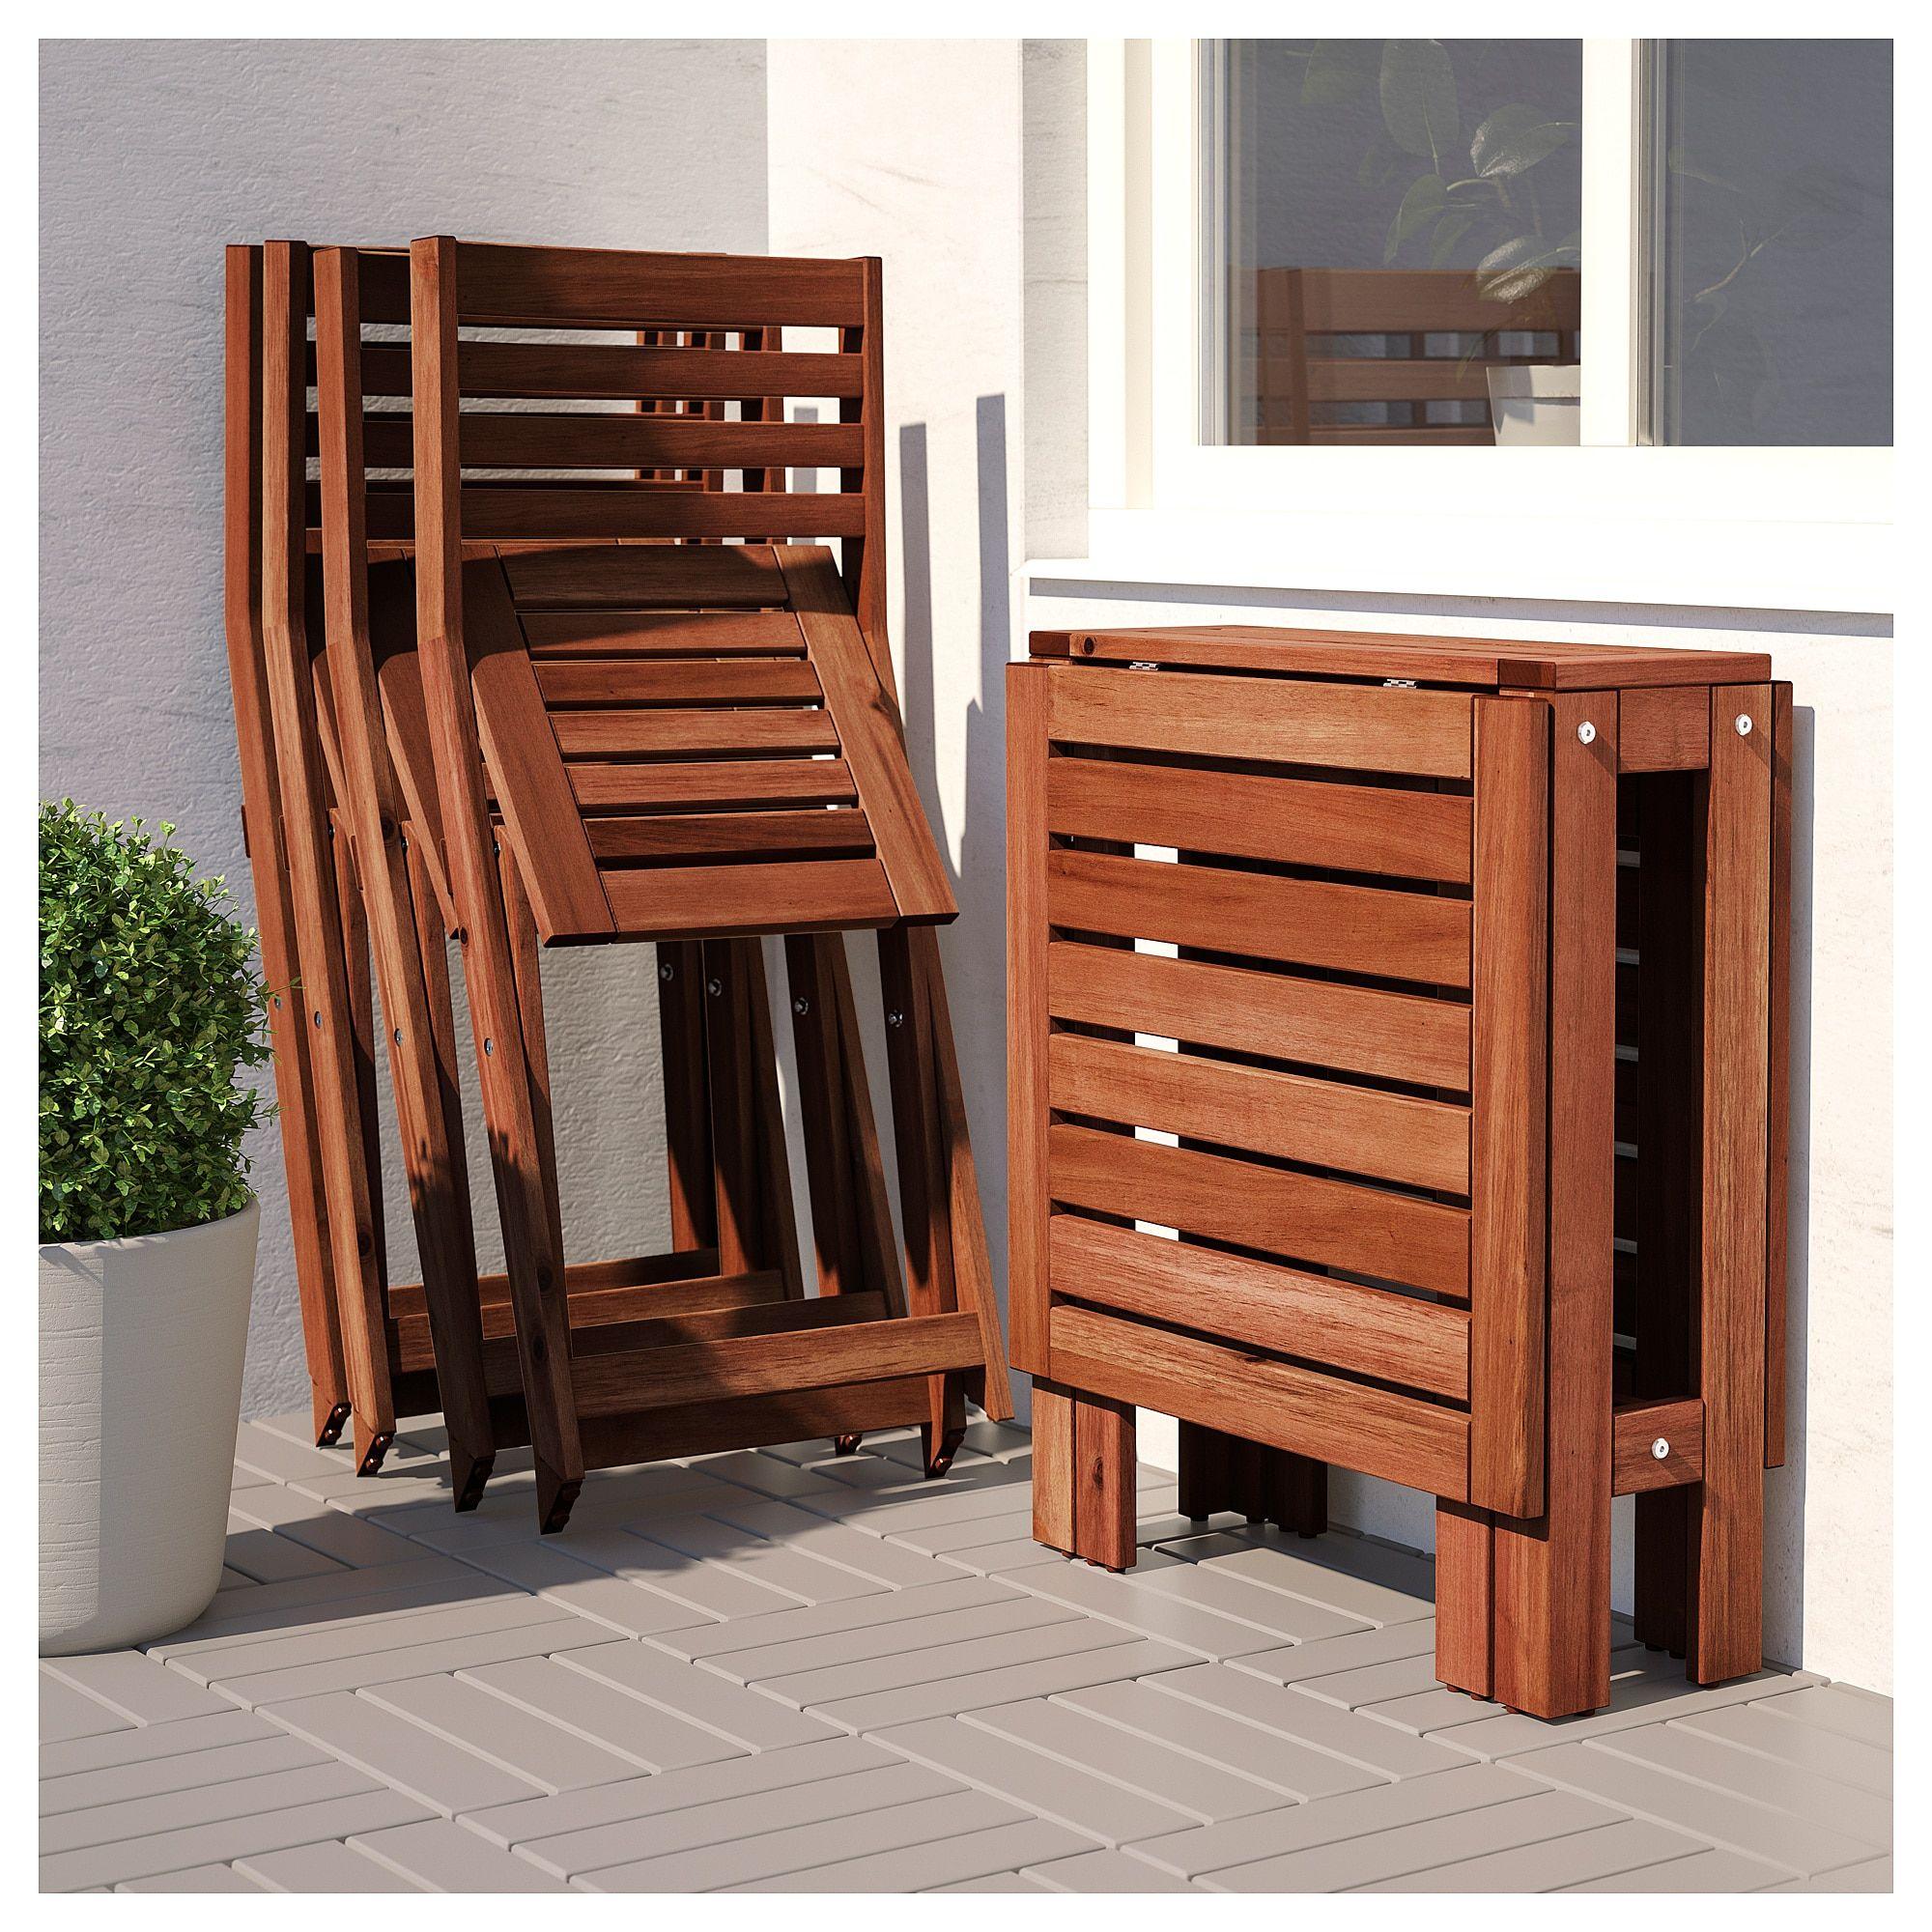 Full Size of Paravent Balkon Ikea Küche Kosten Betten 160x200 Modulküche Kaufen Miniküche Garten Sofa Mit Schlaffunktion Bei Wohnzimmer Paravent Balkon Ikea